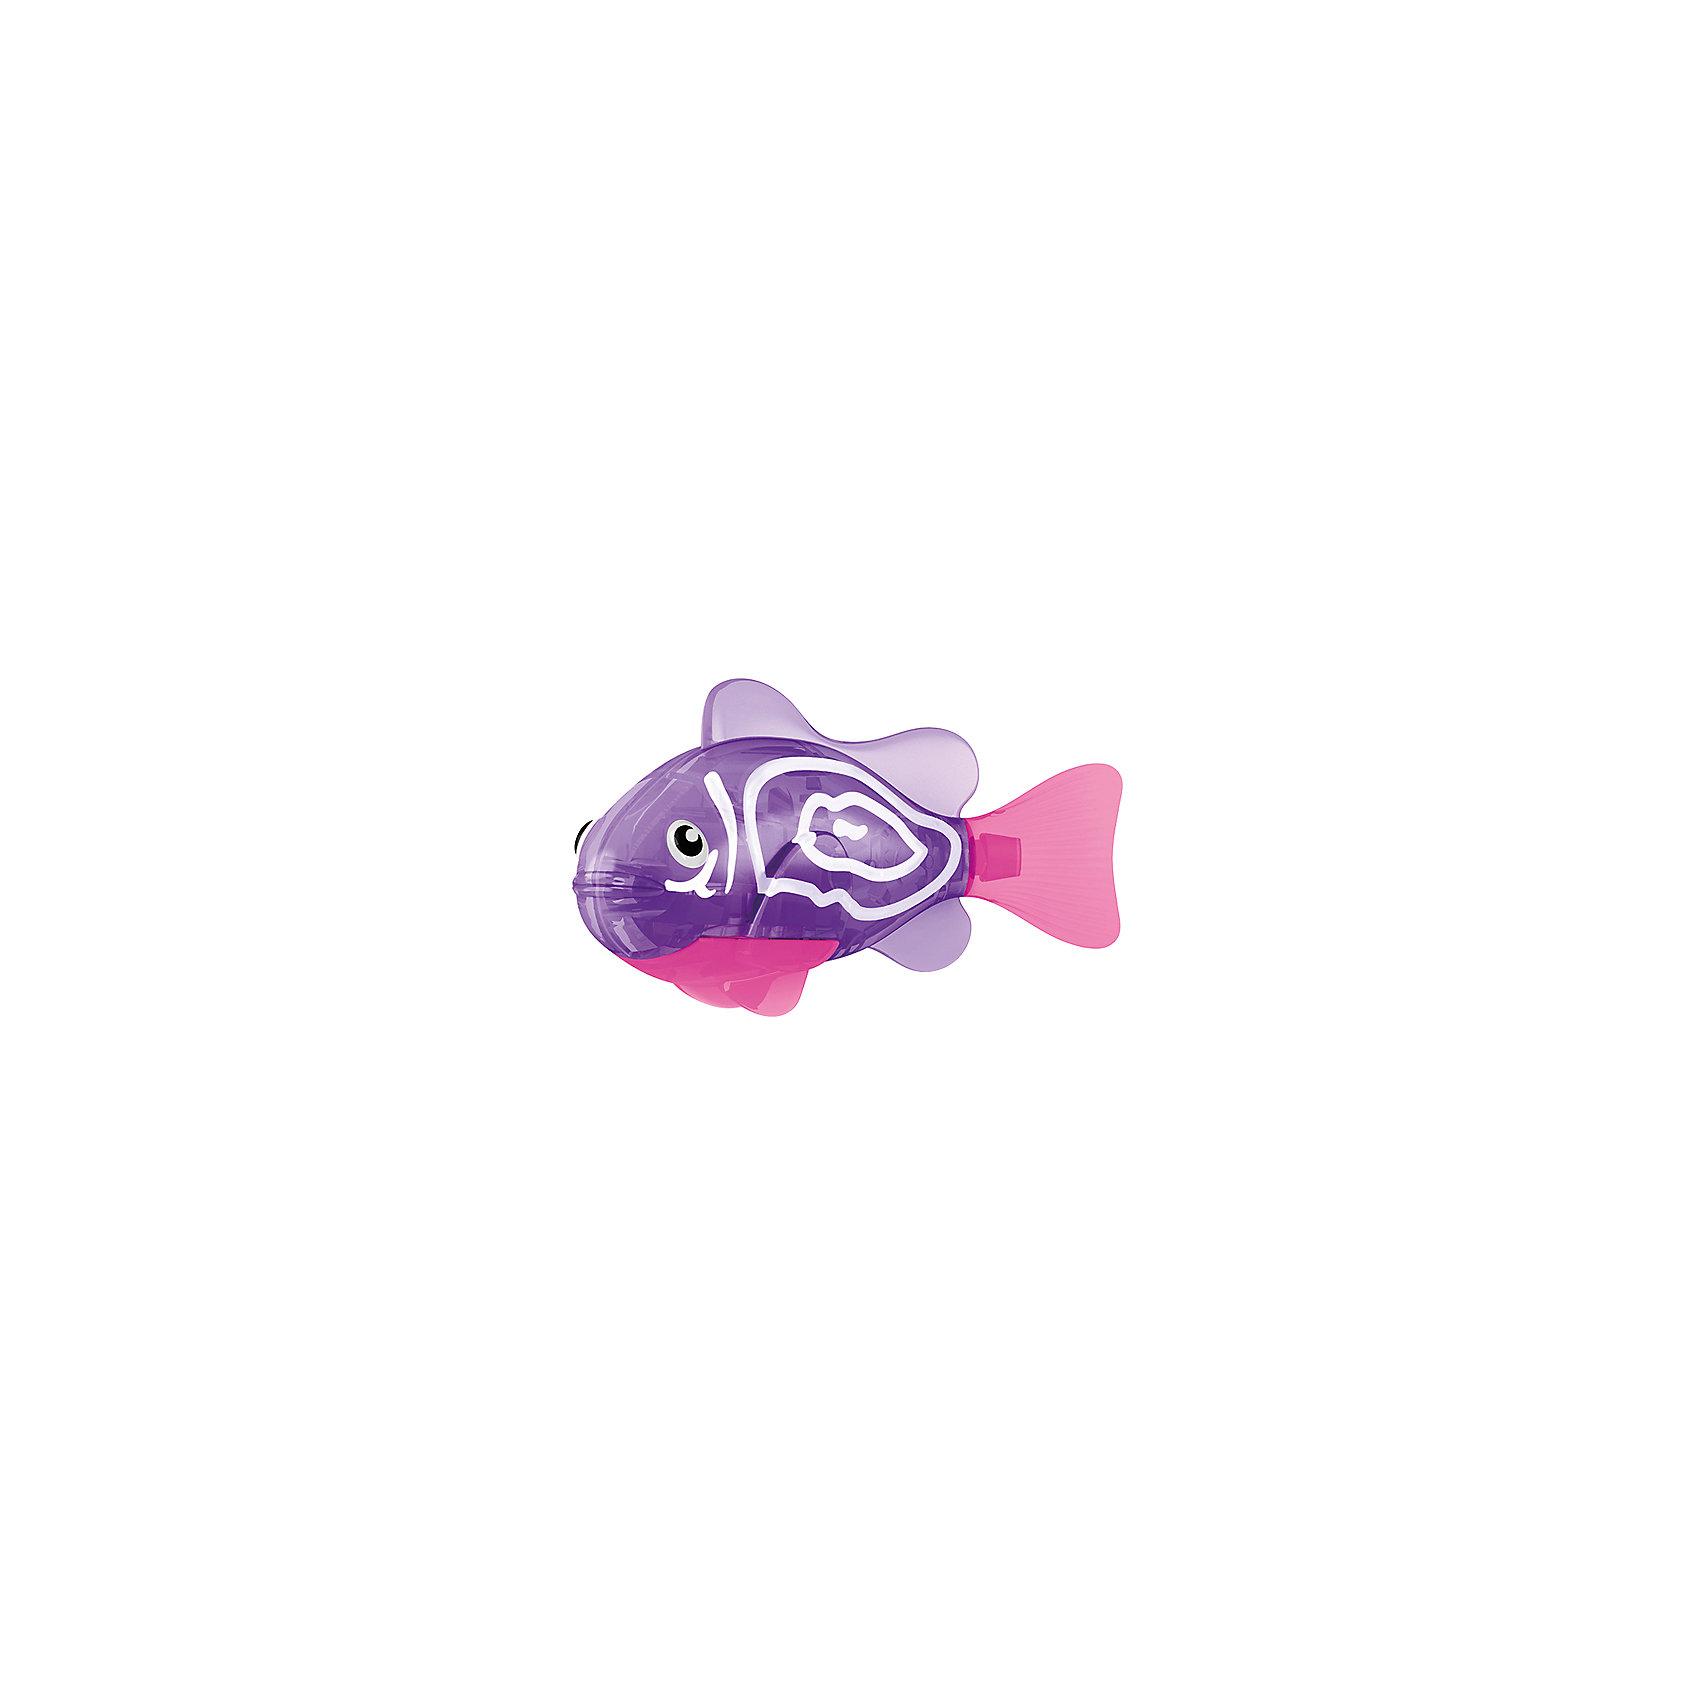 РобоРыбка Хромис, RoboFishРоборыбки<br>Тропическая РобоРыбка Хромис, ZURU (Зуру) – это высокотехнологичная инновационная игрушка, имитирующая движения и повадки рыбы в воде.<br>РобоРыбка (Robofish) тропическая Хромис яркого фиолетового цвета с характерными белыми полосками очень похожа на настоящего Хромиса. Для РобоРыбки нужна только ёмкость с водой, и никакого ухода! Автоматический датчик, активирует рыбку в воде. Мягкий силиконовый хвост и электромагнитный мотор позволит ей двигаться в 5 различных направлениях: влево, вправо, вперед, вверх или вниз. Ультразвуковая герметизация на 100% защитит внутренности от проникновения воды. РобоРыбка повторяет повадки настоящих рыб: опускается на дно и всплывает на поверхность, сбивается в стаи с другими роборыбками, трется о стенки аквариума, меняет скорость движения, оплывает преграды. Внутри рыбки в крышке под батарейками находится специальный грузик, регулирующий глубину ее погружения. Для того, чтобы рыбка перестала двигаться нужно достать её из воды и насухо вытереть. Хранить РобоРыбку можно на специальной подставке, которая есть в комплекте. Игрушка выполнена из материалов абсолютно безопасных для здоровья.<br><br>Дополнительная информация:<br><br>- Возраст: для детей от 3 лет<br>- В комплекте: 1 рыбка, подставка, 4 батарейки (две установлены в игрушку и 2 запасные)<br>- Батарейки: тип RL44(A76)<br>- Размер рыбки: 7,5 x 2,0 x 3,5 см.<br>- Материал: пластик с элементами металла и резины<br>- Вес в упаковке: 72 г.<br>- Размер упаковки: 20 x 6,5 x 5 см.<br><br>Тропическая РобоРыбка (Робофиш) Хромис, ZURU (Зуру) – заведите себе аквариум, обитатели которого порадуют и развлекут Вас своими забавными повадками и при этом совсем не потребуют никакого ухода!<br><br>Тропическую РобоРыбку Хромис, ZURU (Зуру) можно купить в нашем интернет-магазине.<br><br>Ширина мм: 435<br>Глубина мм: 240<br>Высота мм: 405<br>Вес г: 216<br>Возраст от месяцев: 48<br>Возраст до месяцев: 96<br>Пол: Женский<br>Возраст: Детский<br>SKU: 3609987